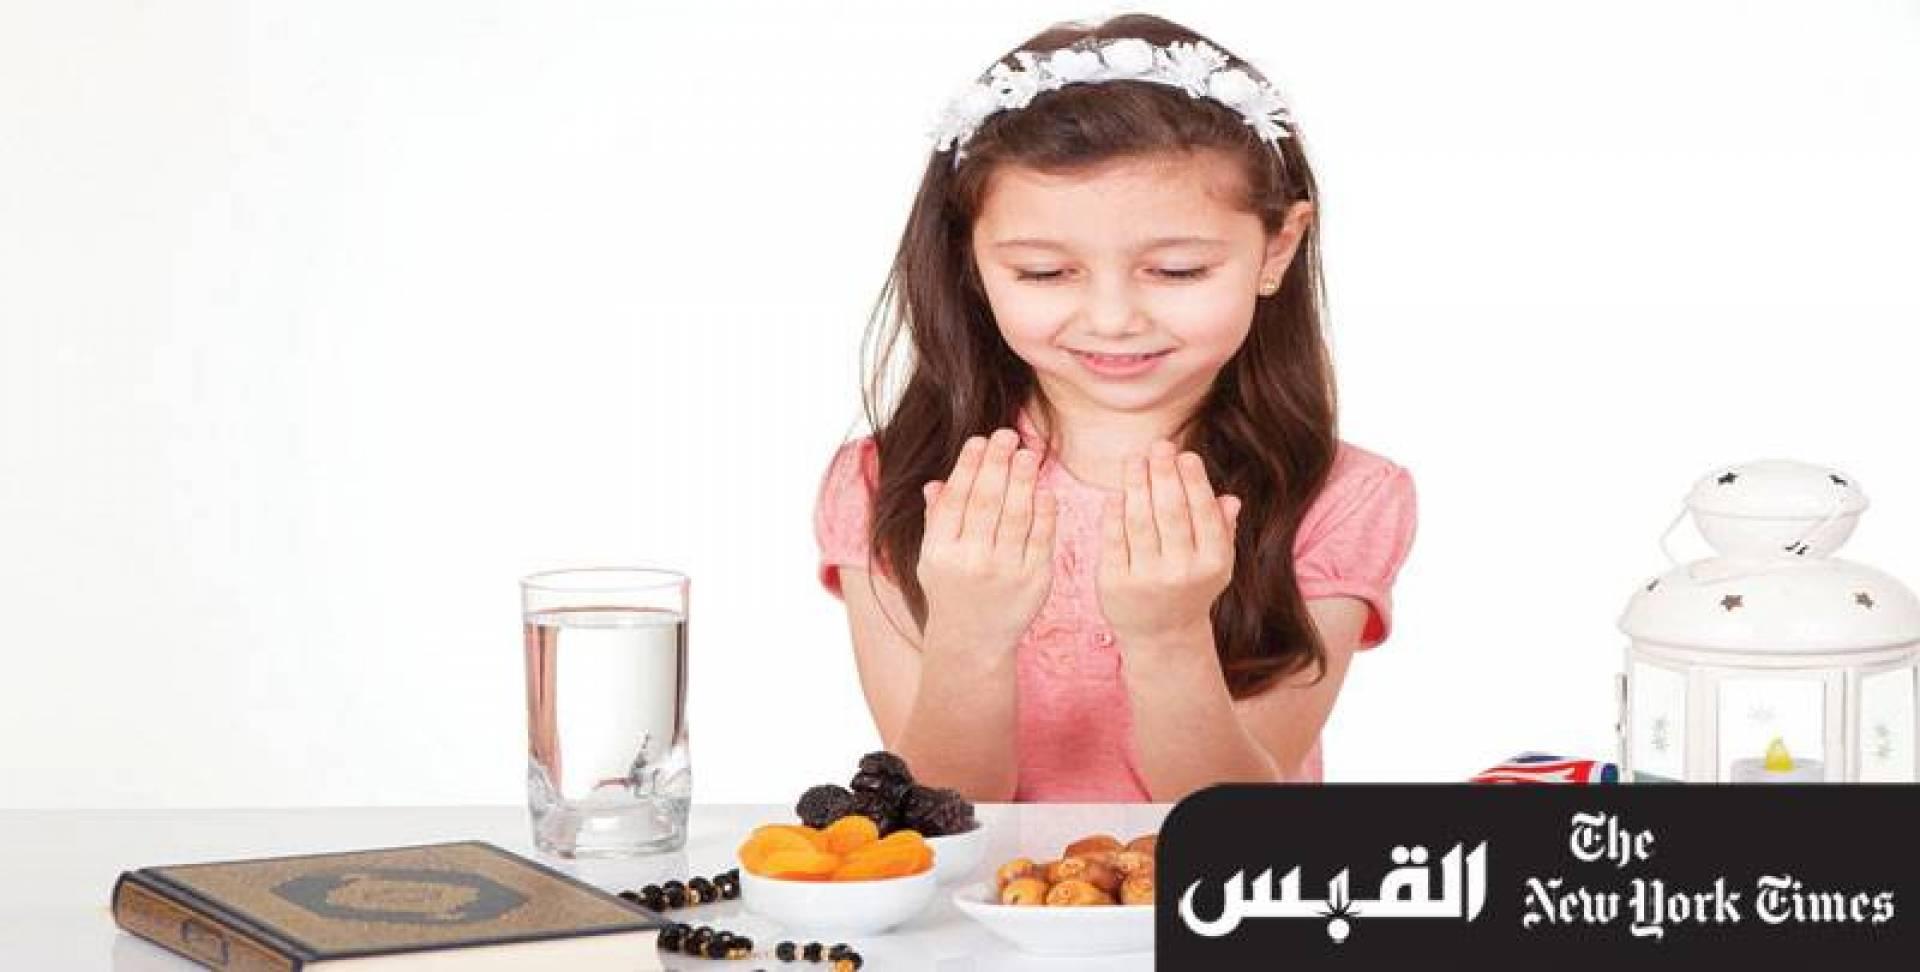 هل أسمح لابنتي البالغة 7 سنوات بصيام رمضان؟